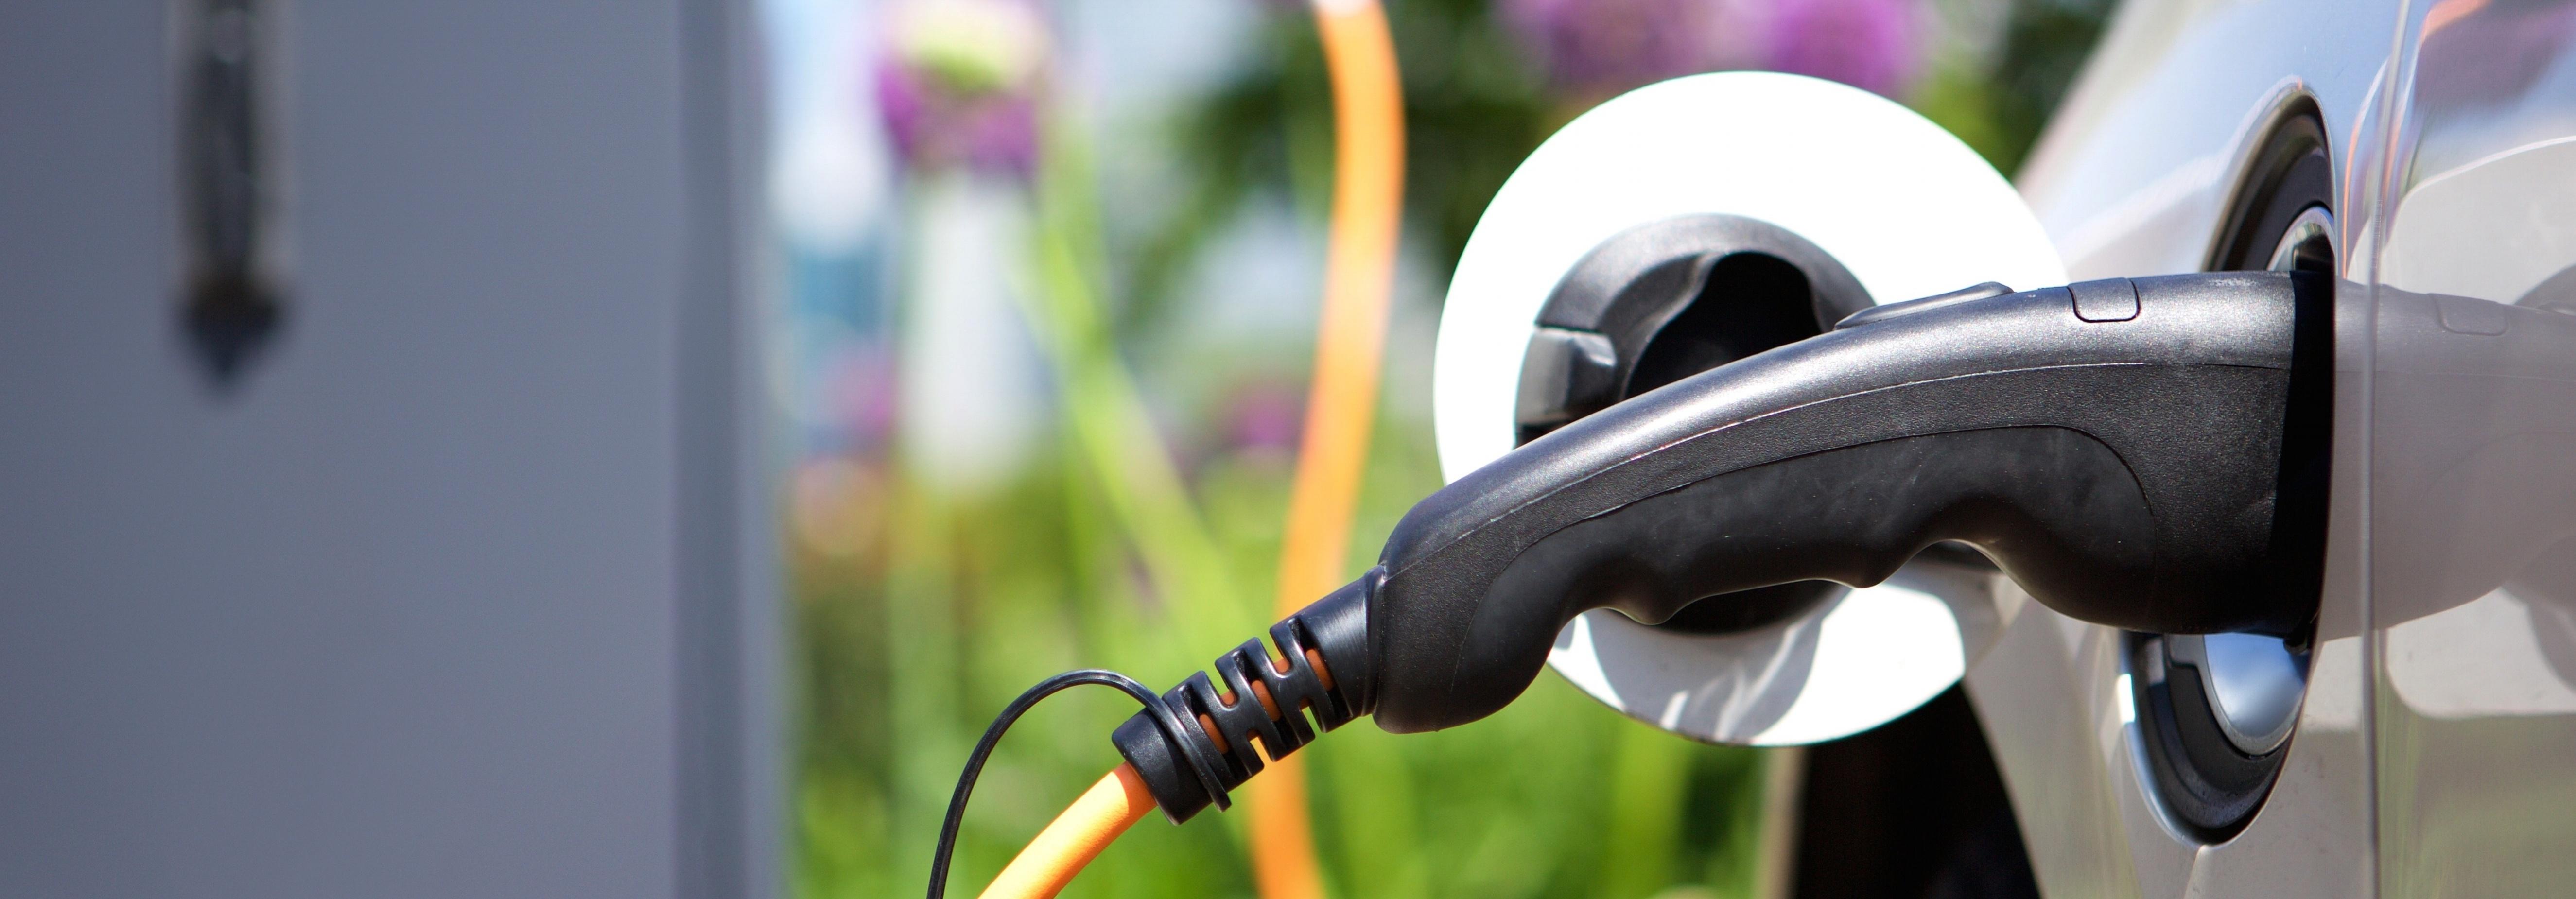 electric car energy efficiency.png